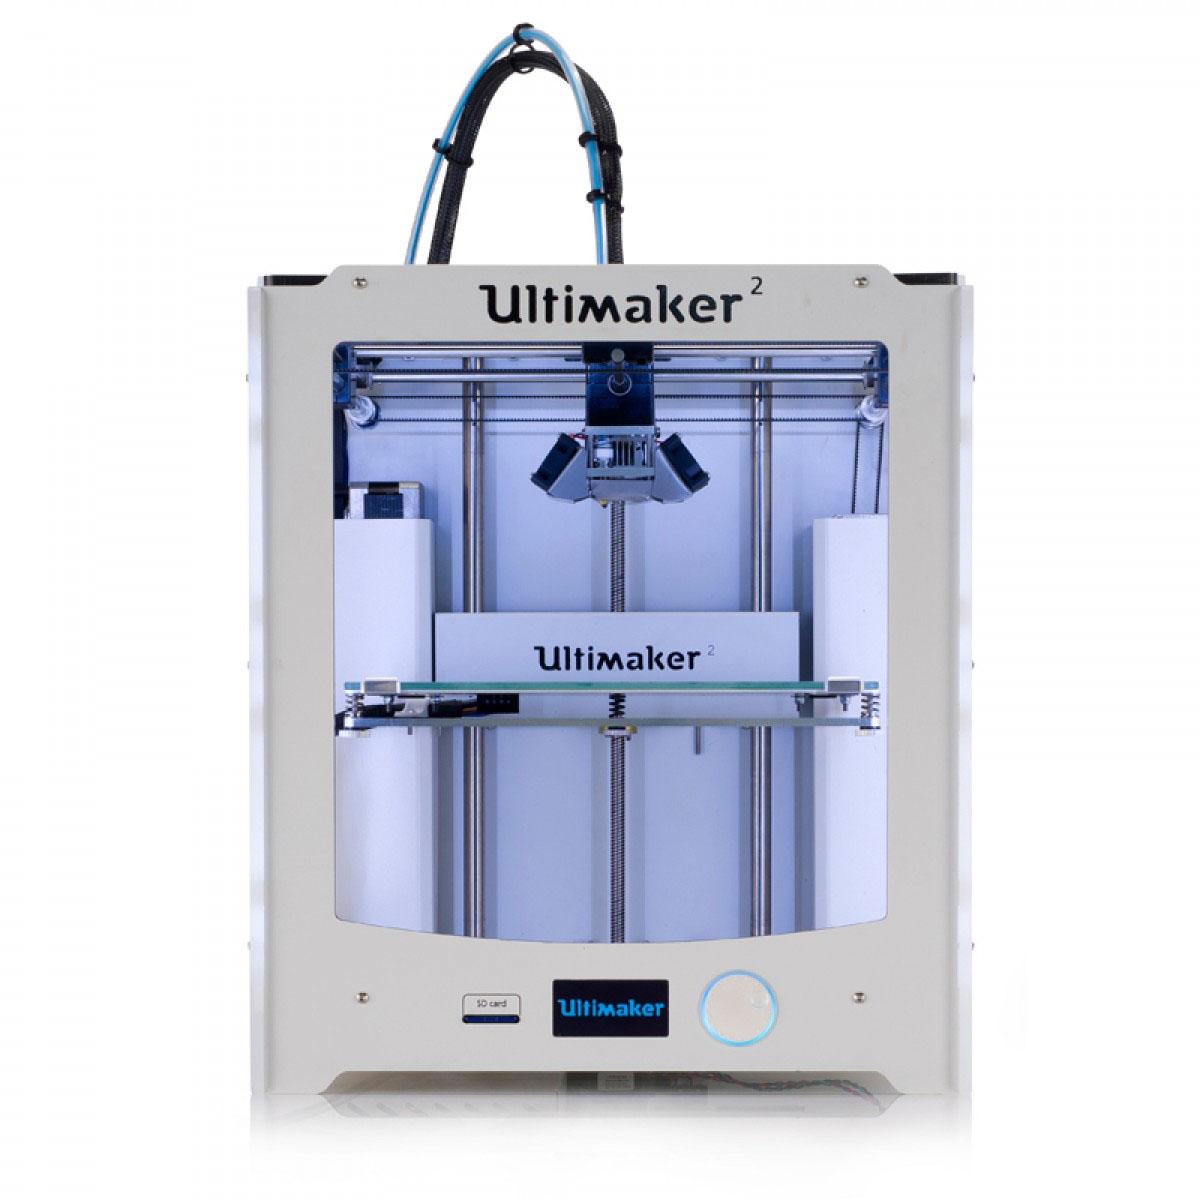 ultimaker_2_3d_printer_front_2_igo3d_38